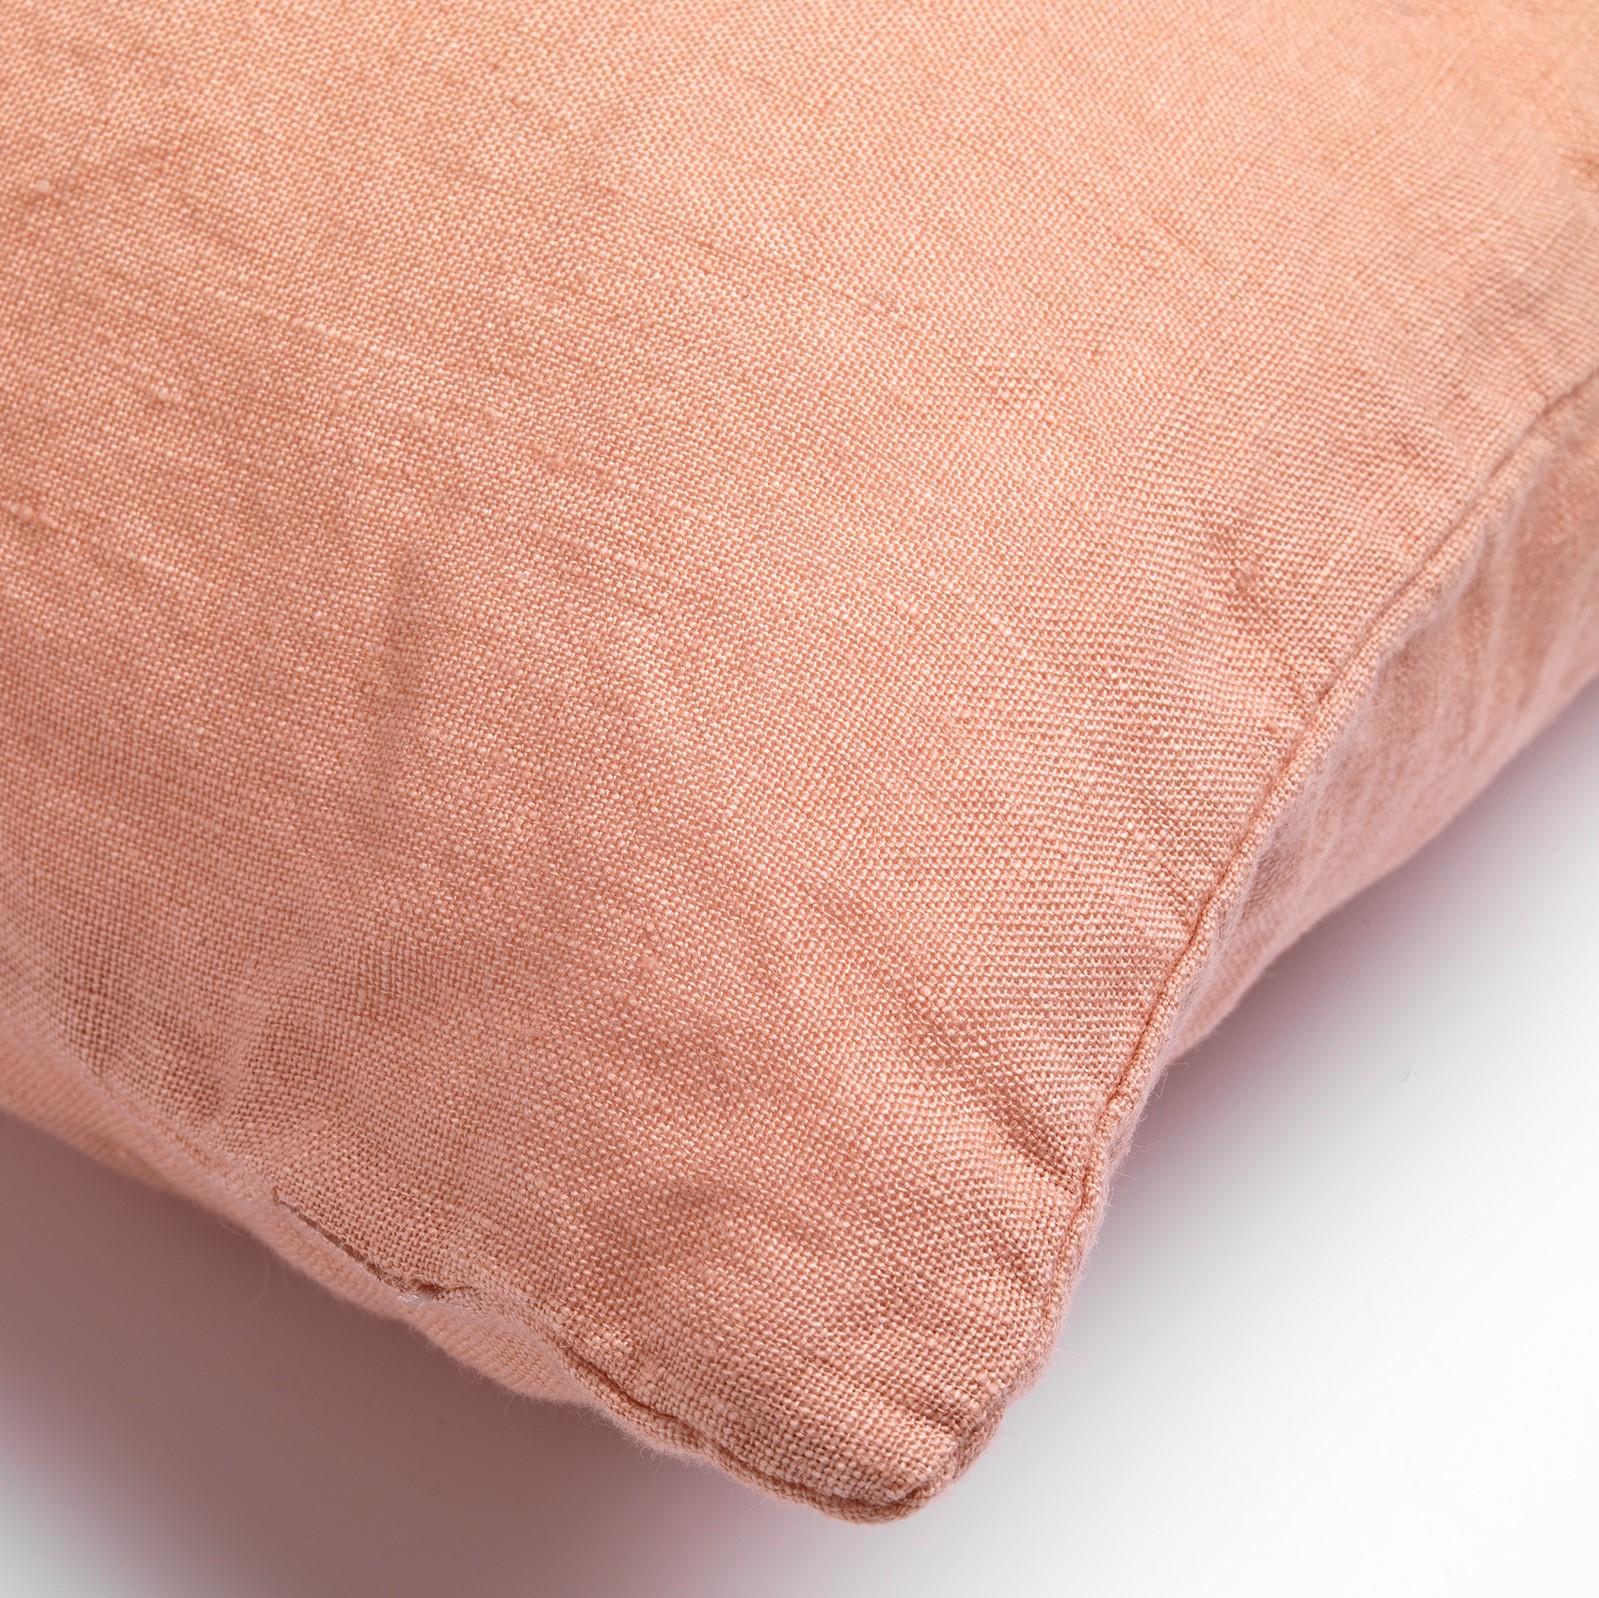 LINN - Sierkussen linnen Muted Clay 45x45 cm